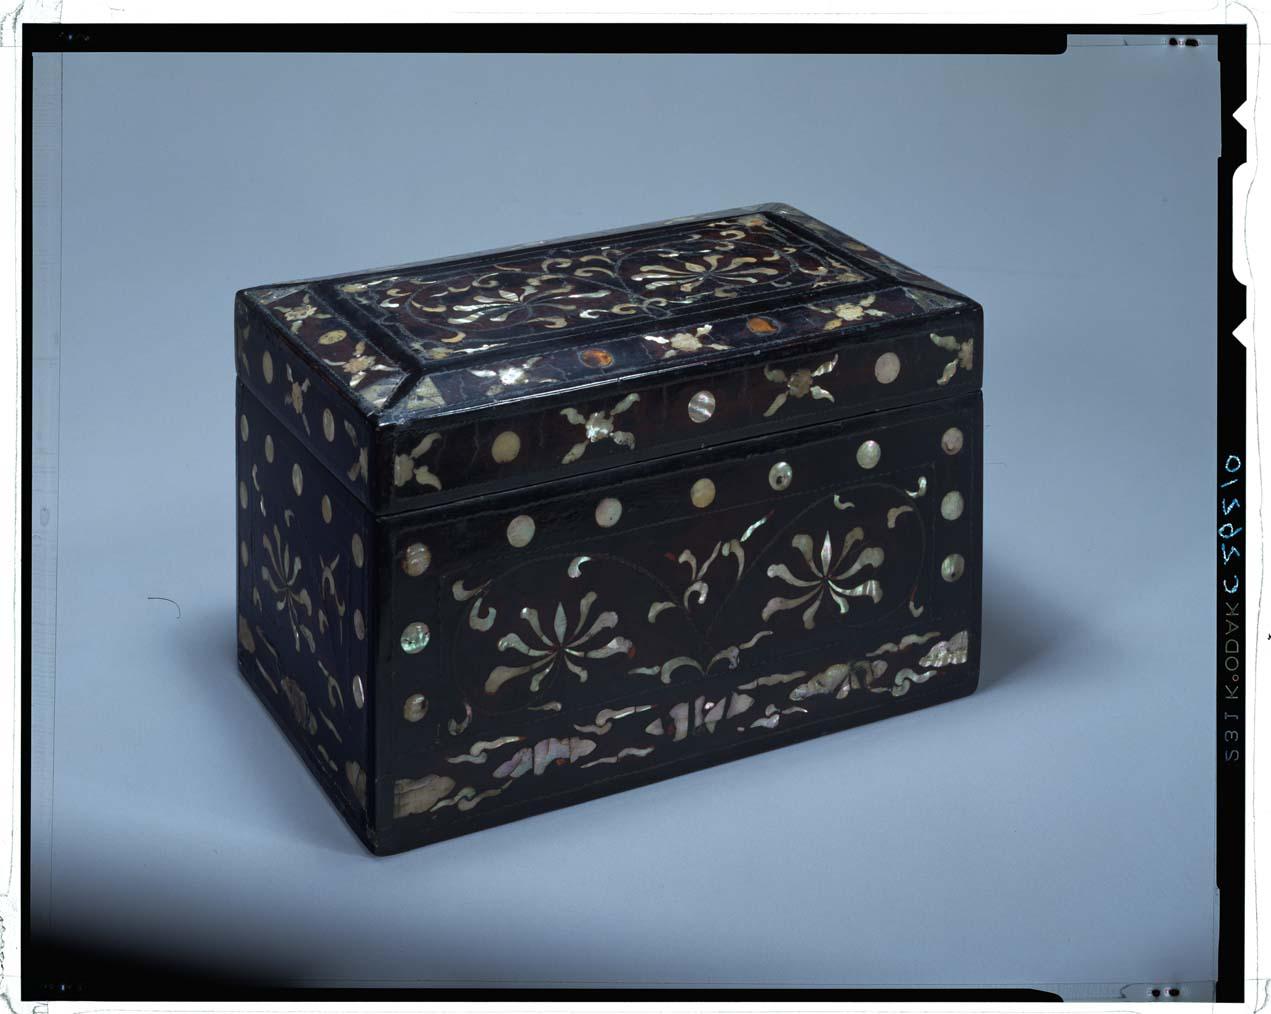 C0026210 牡丹唐草文螺鈿長方形箱 - 東京国立博物館 ...